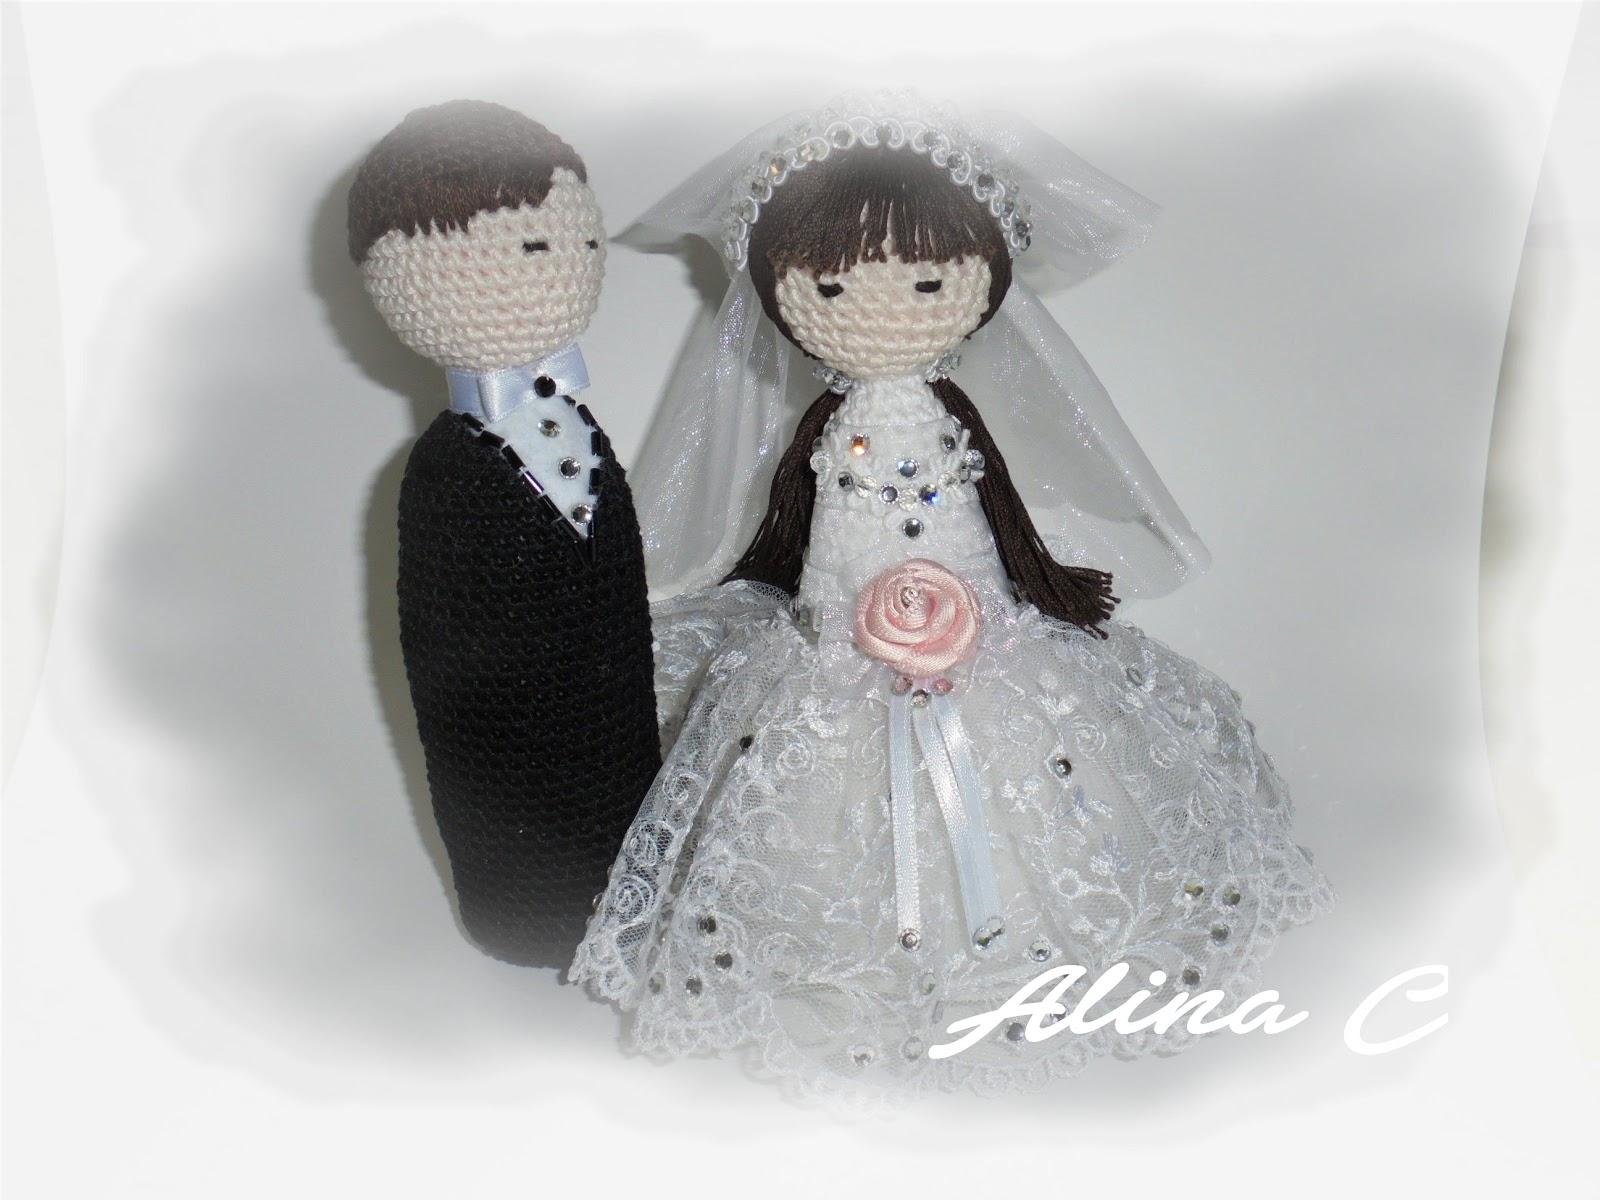 Amigurumi Simple Patterns : lo spazio di lilla: Sposi Amigurumi / Amigurumi Bride and ...